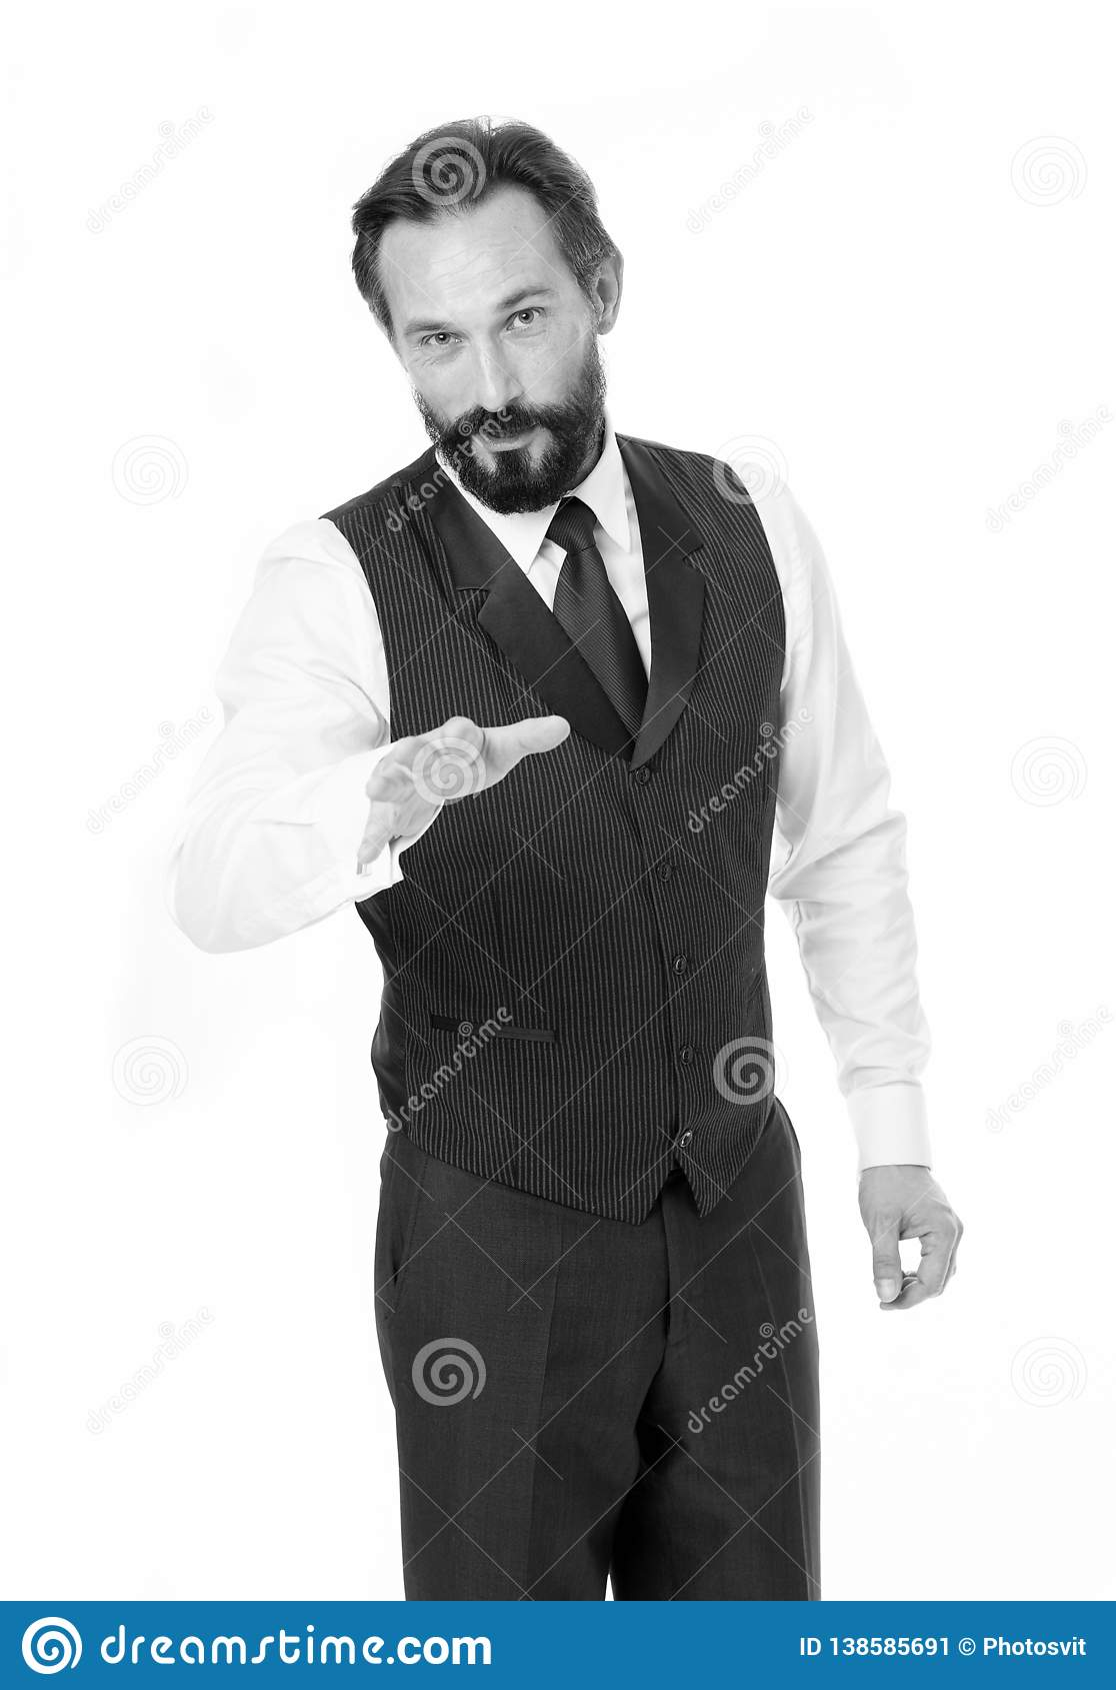 Hey u luistert aan me Ik zal u wat interessante informatie vertellen Het bedrijfsgedrag moet zeker zijn Zaken